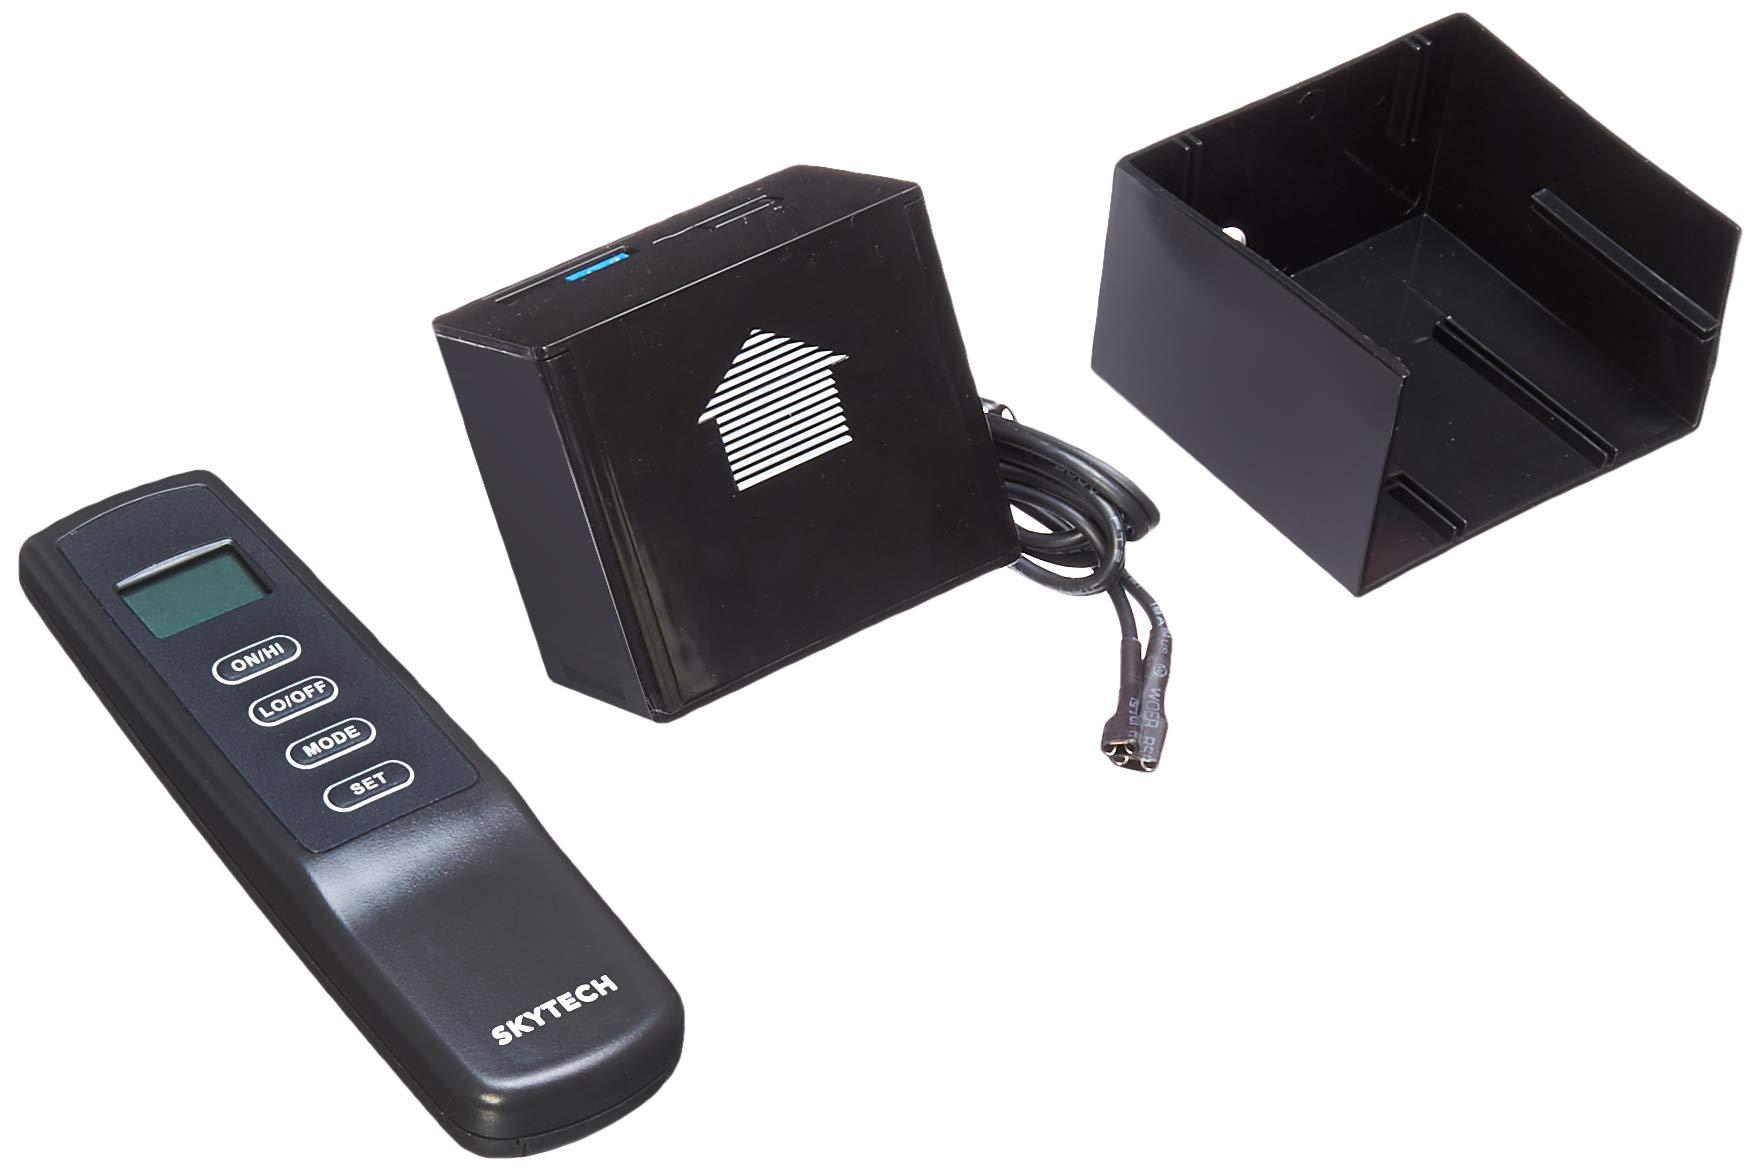 SkyTech Sky-MRCK-TH Fireplace-remotes-and-thermostats, Black by SkyTech